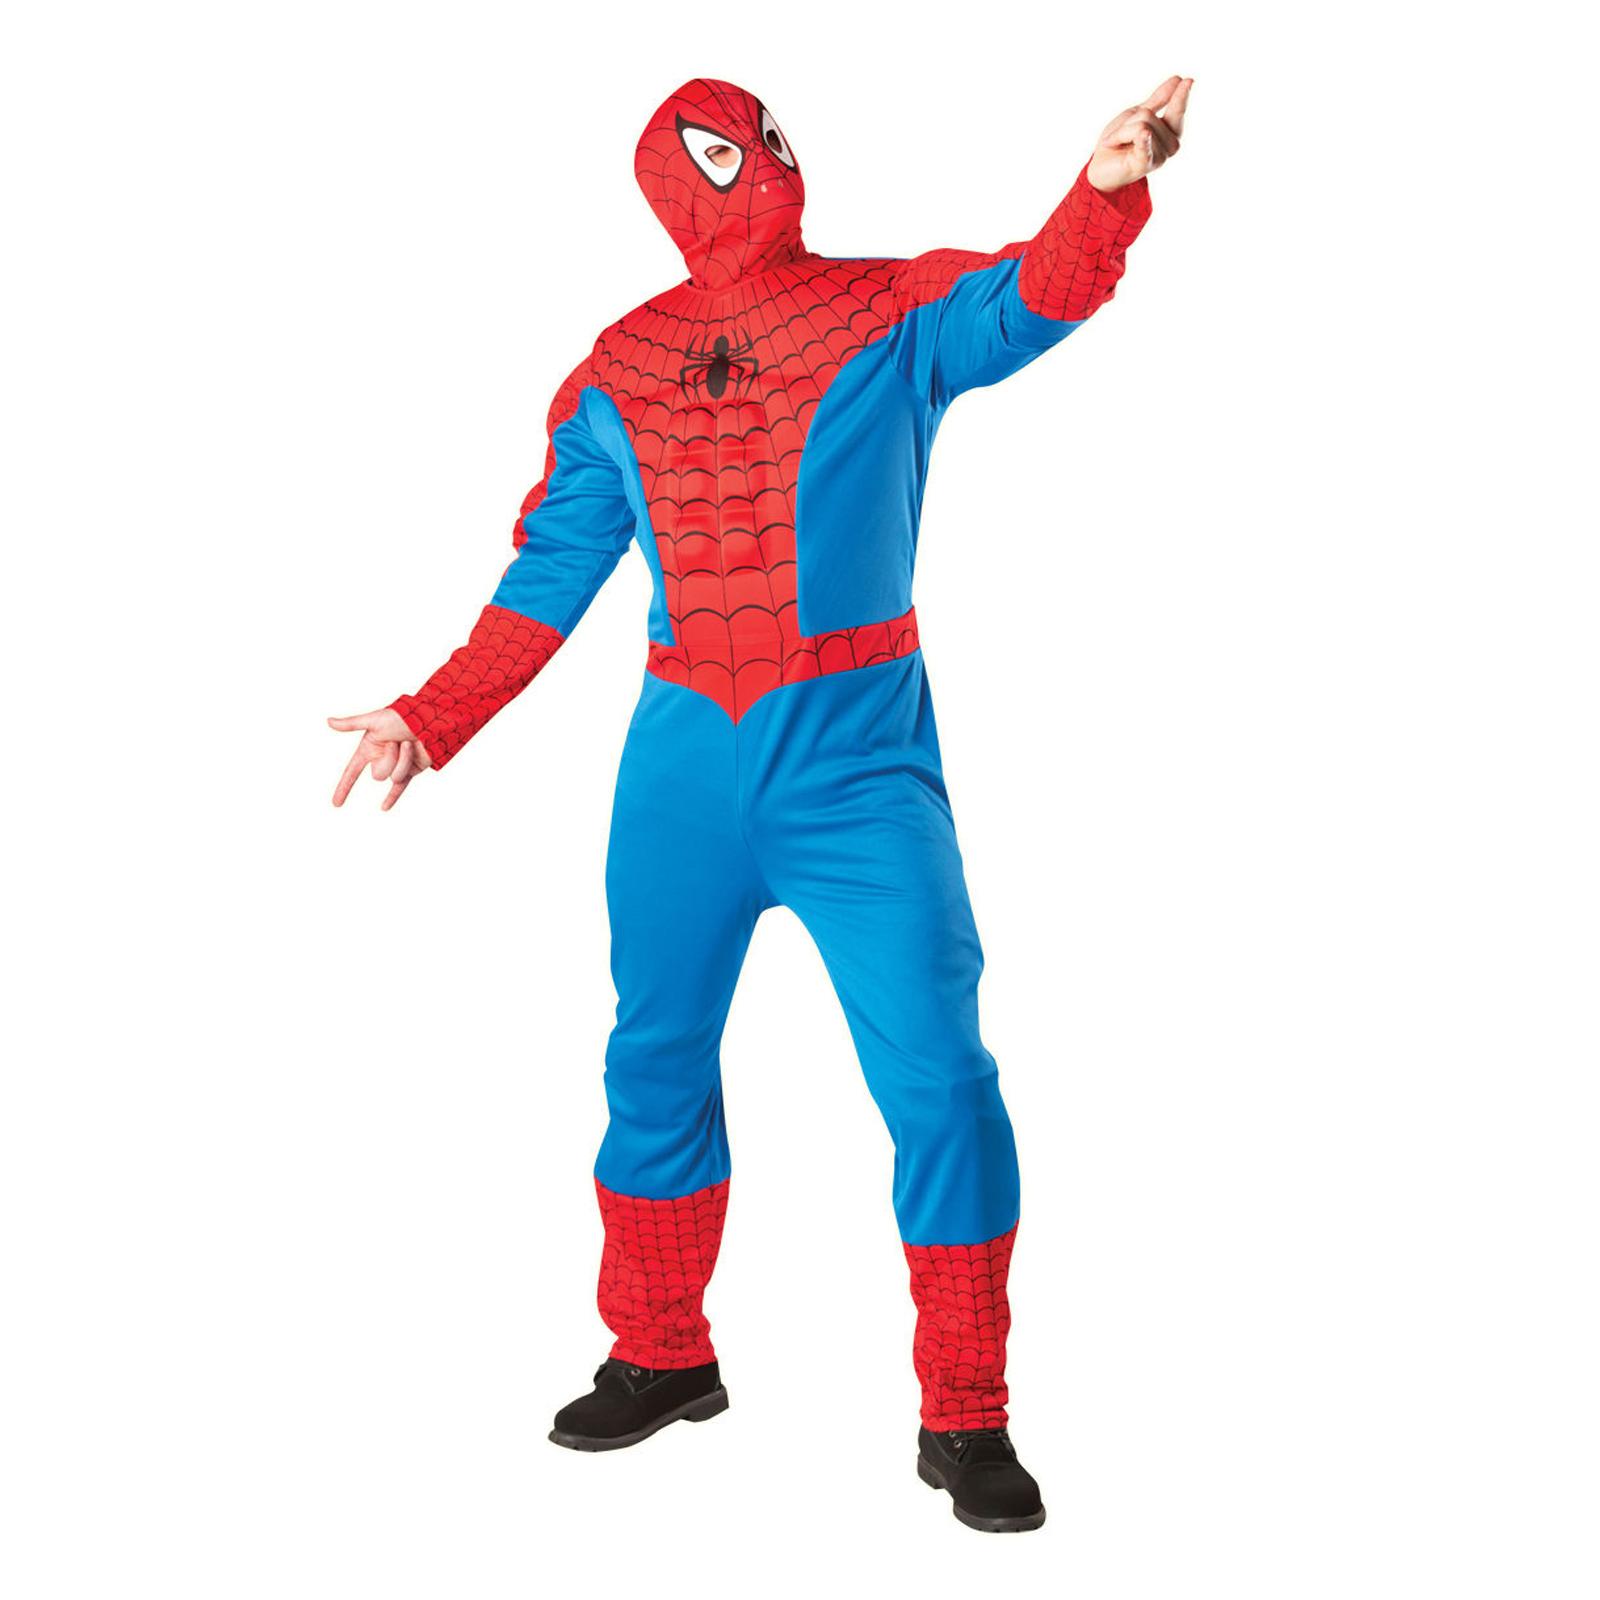 herren marvel avengers outfit official erwachsene lizensiert superheld ebay. Black Bedroom Furniture Sets. Home Design Ideas